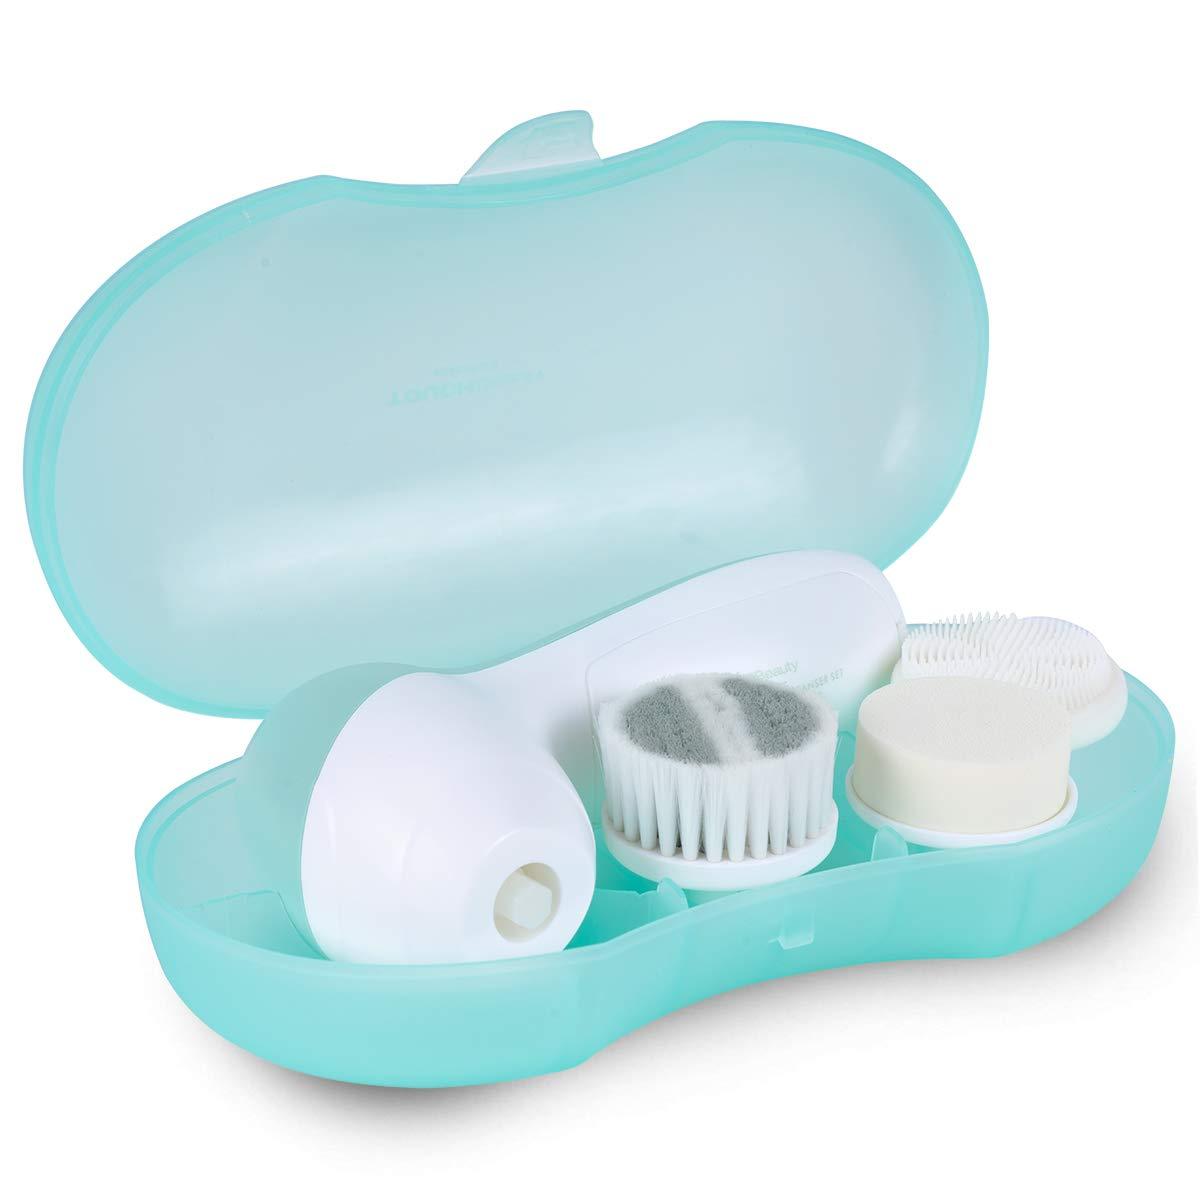 cepillo electrico facial